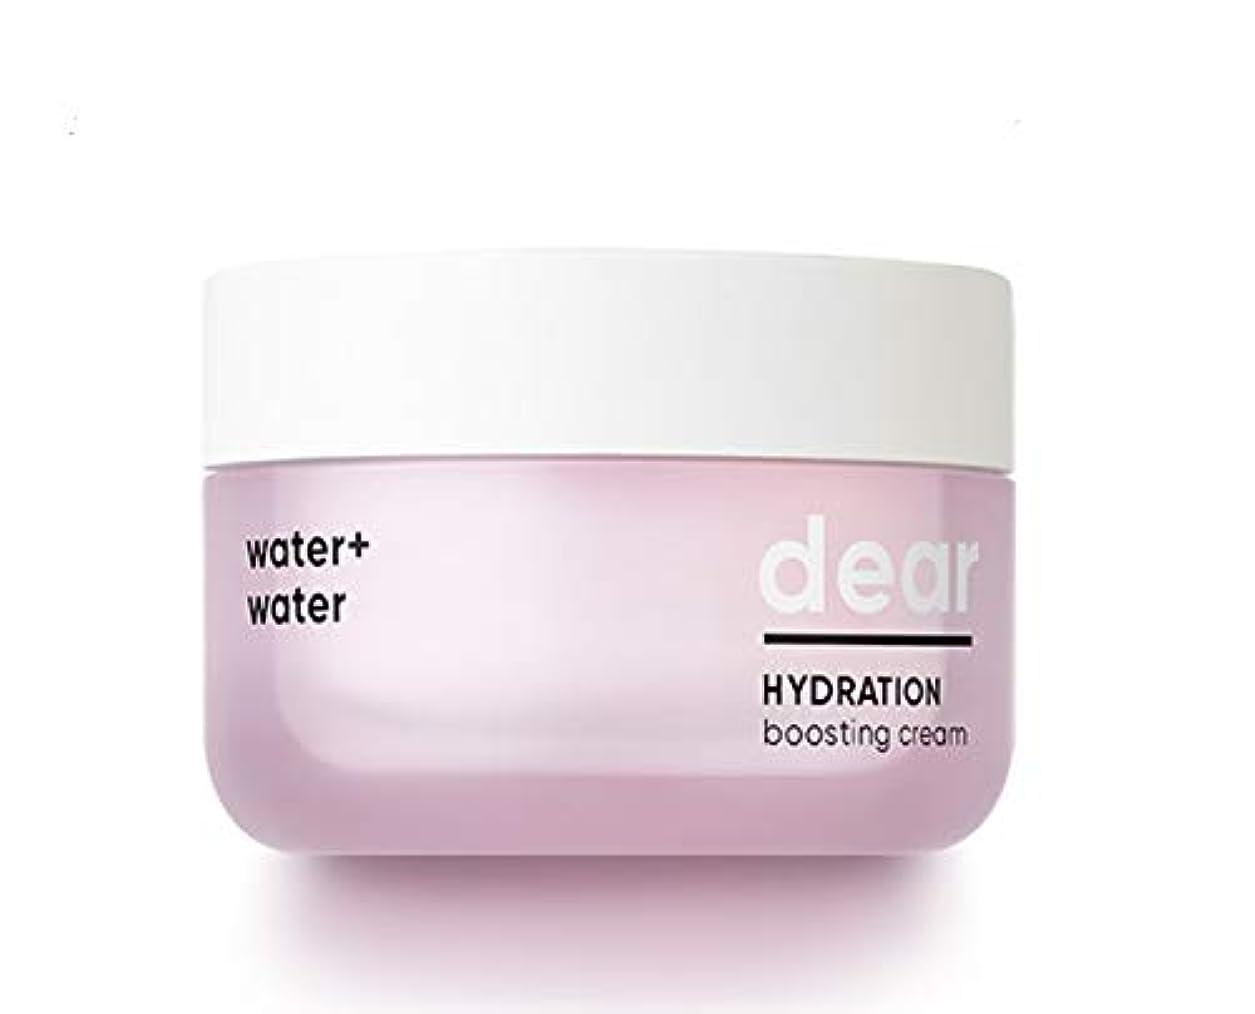 パブテキスト戸口[New] BANILA CO dear Hydration Boosting Cream 50ml / (Banila co) パニルラ鼻ディアハイドゥレイションブースティングクリーム50ml [並行輸入品]